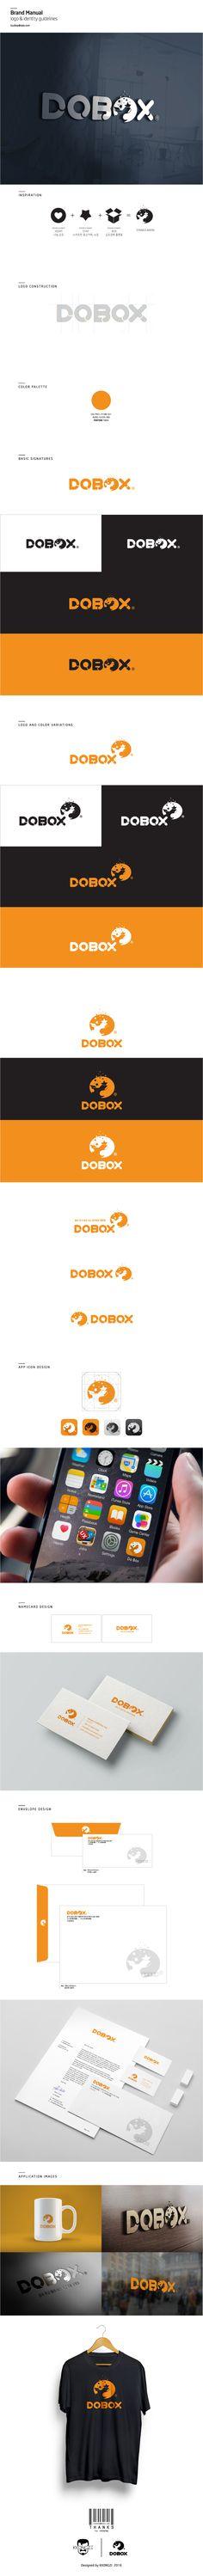 #로고#로고디자인#라우드소싱#현컴#꽁지머리#logo#design#logo design#ci#bi#branding#symbol